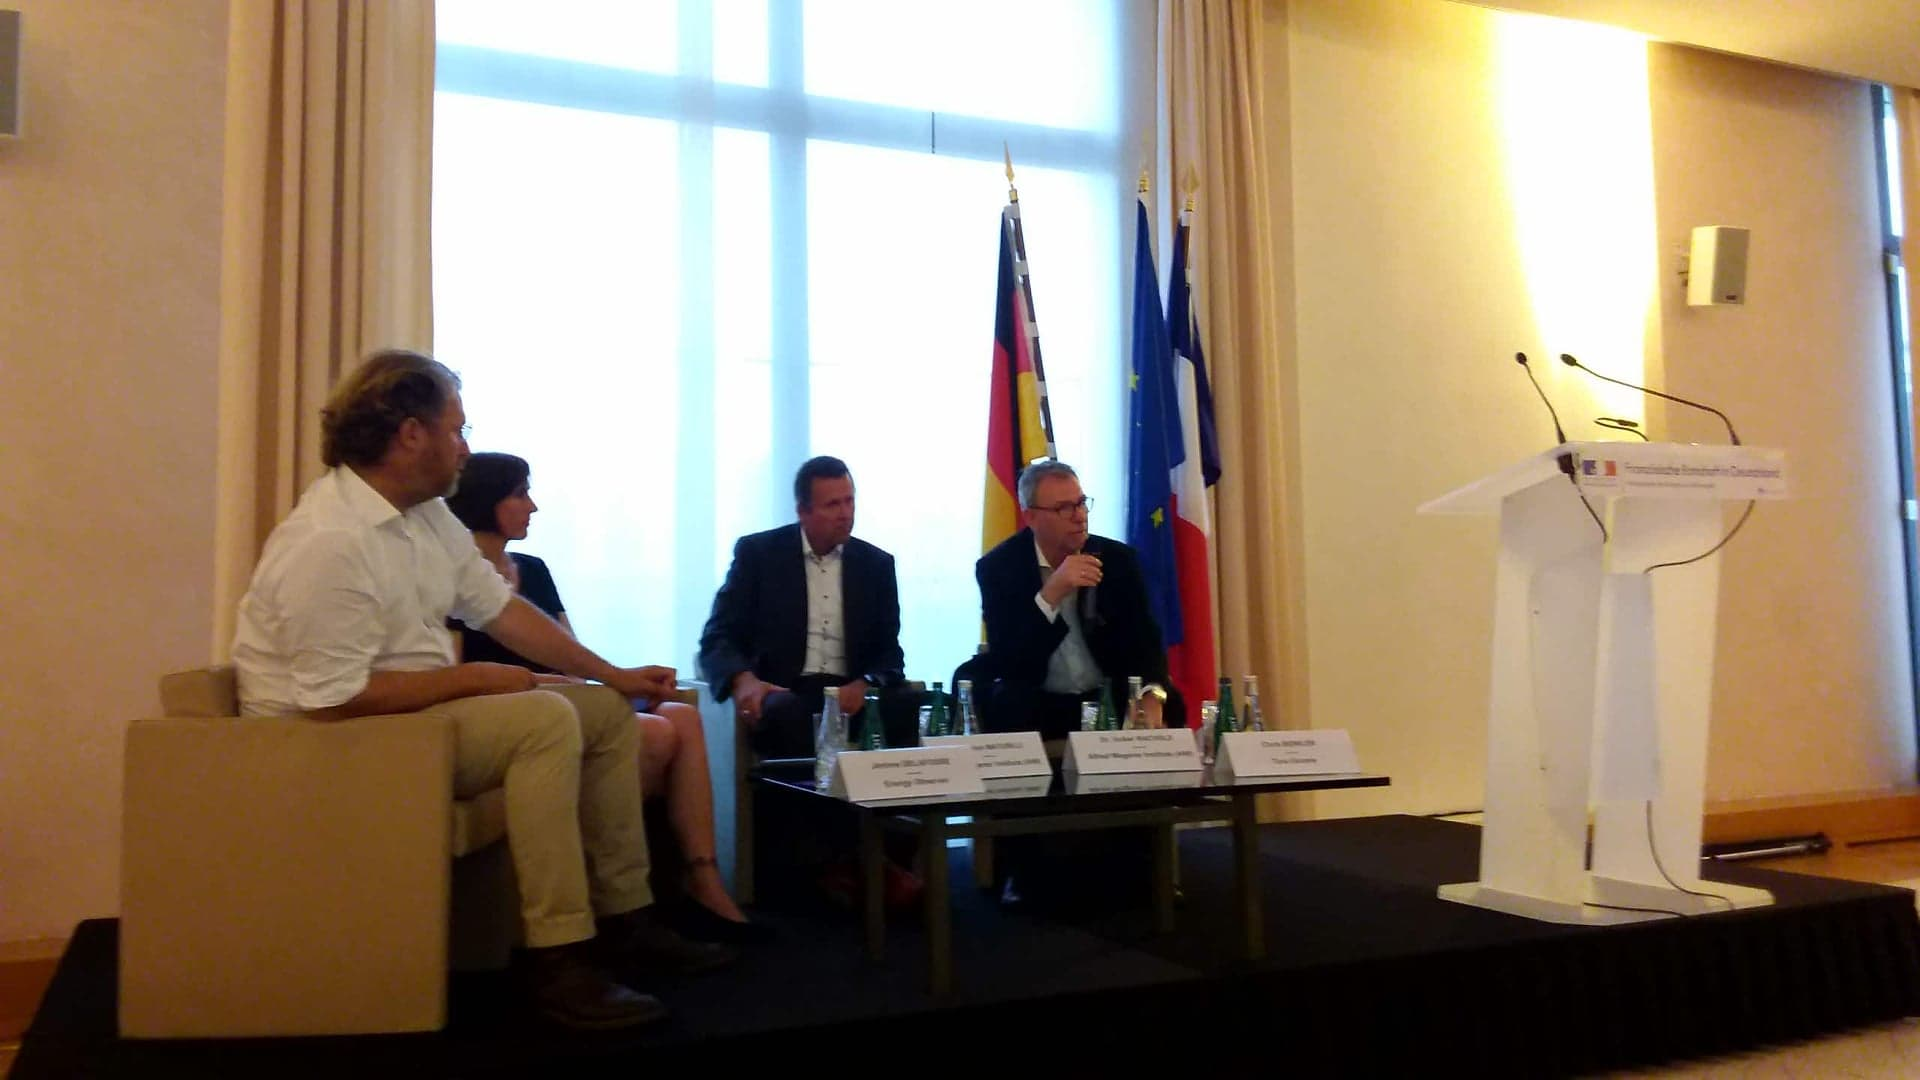 Conférence sur les « Expéditions marines au service du climat », à l'ambassade de France à Berlin (03/06/2019)